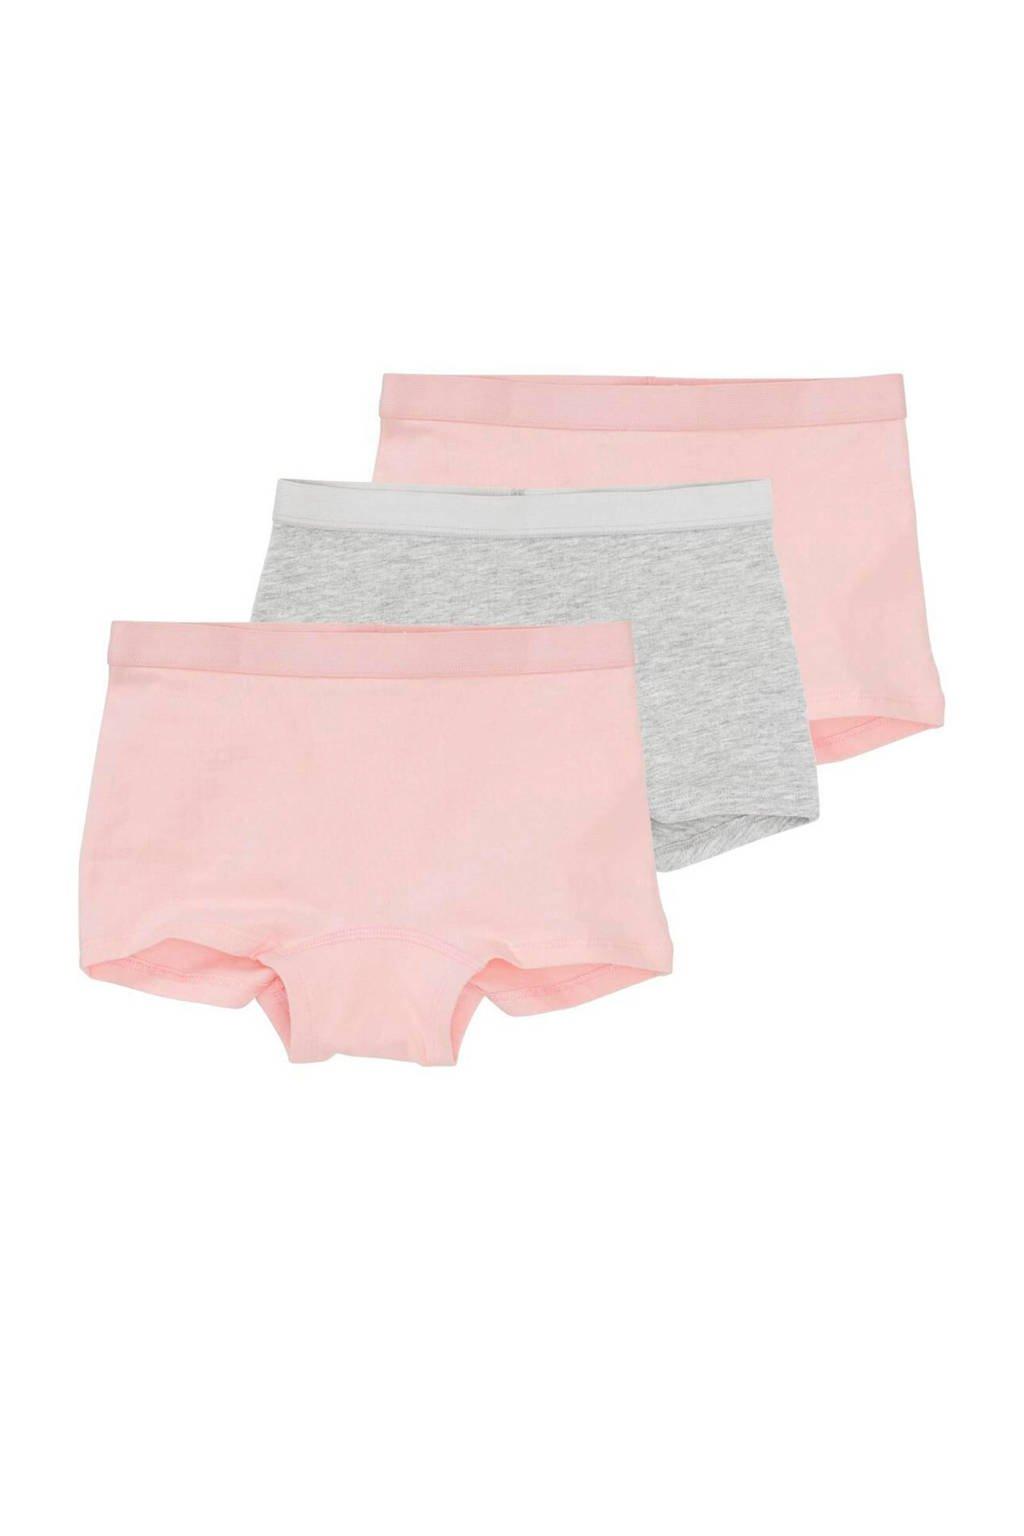 HEMA short - set van 3 roze/grijs, Lichtroze